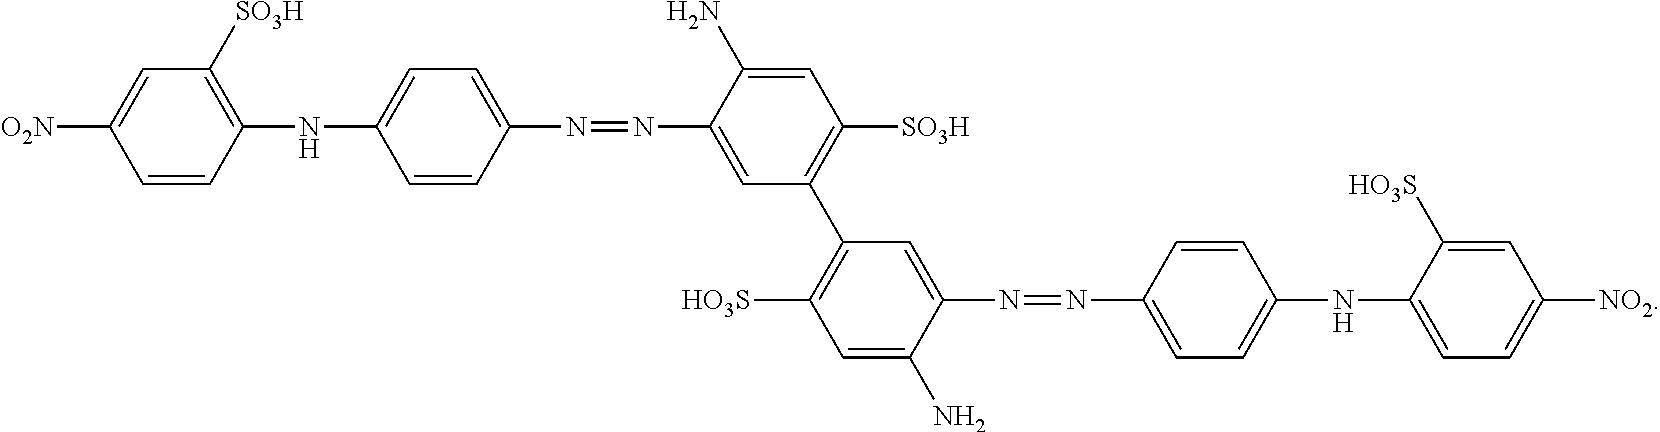 Figure US08734532-20140527-C00042